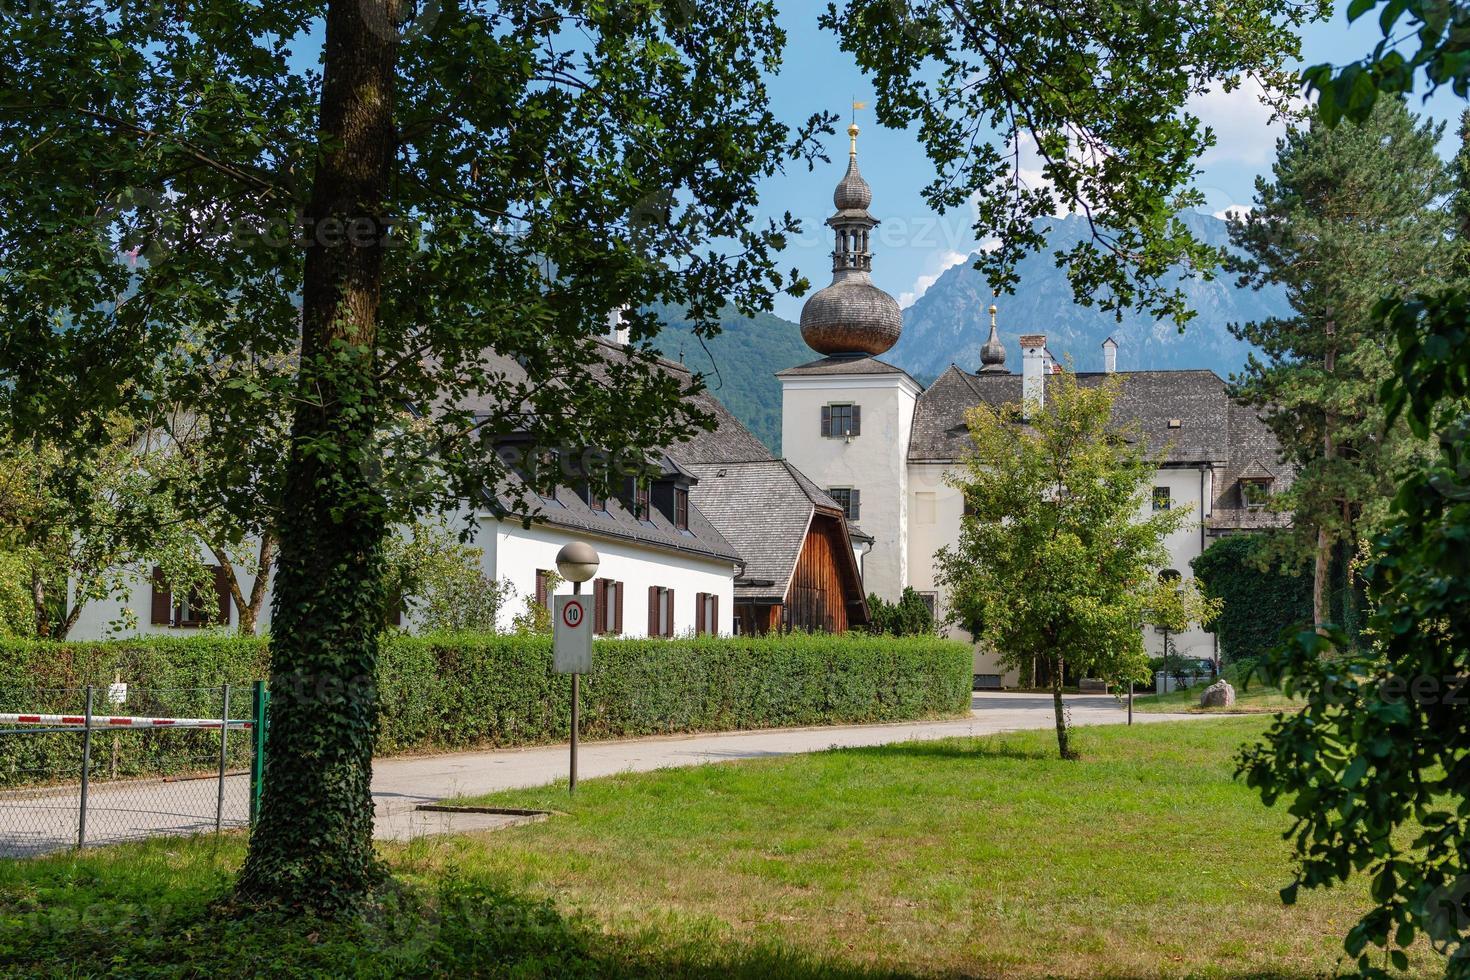 gmunden schloss ort o complejo schloss orth en el lago traunsee en la ciudad de gmunden, austria. foto